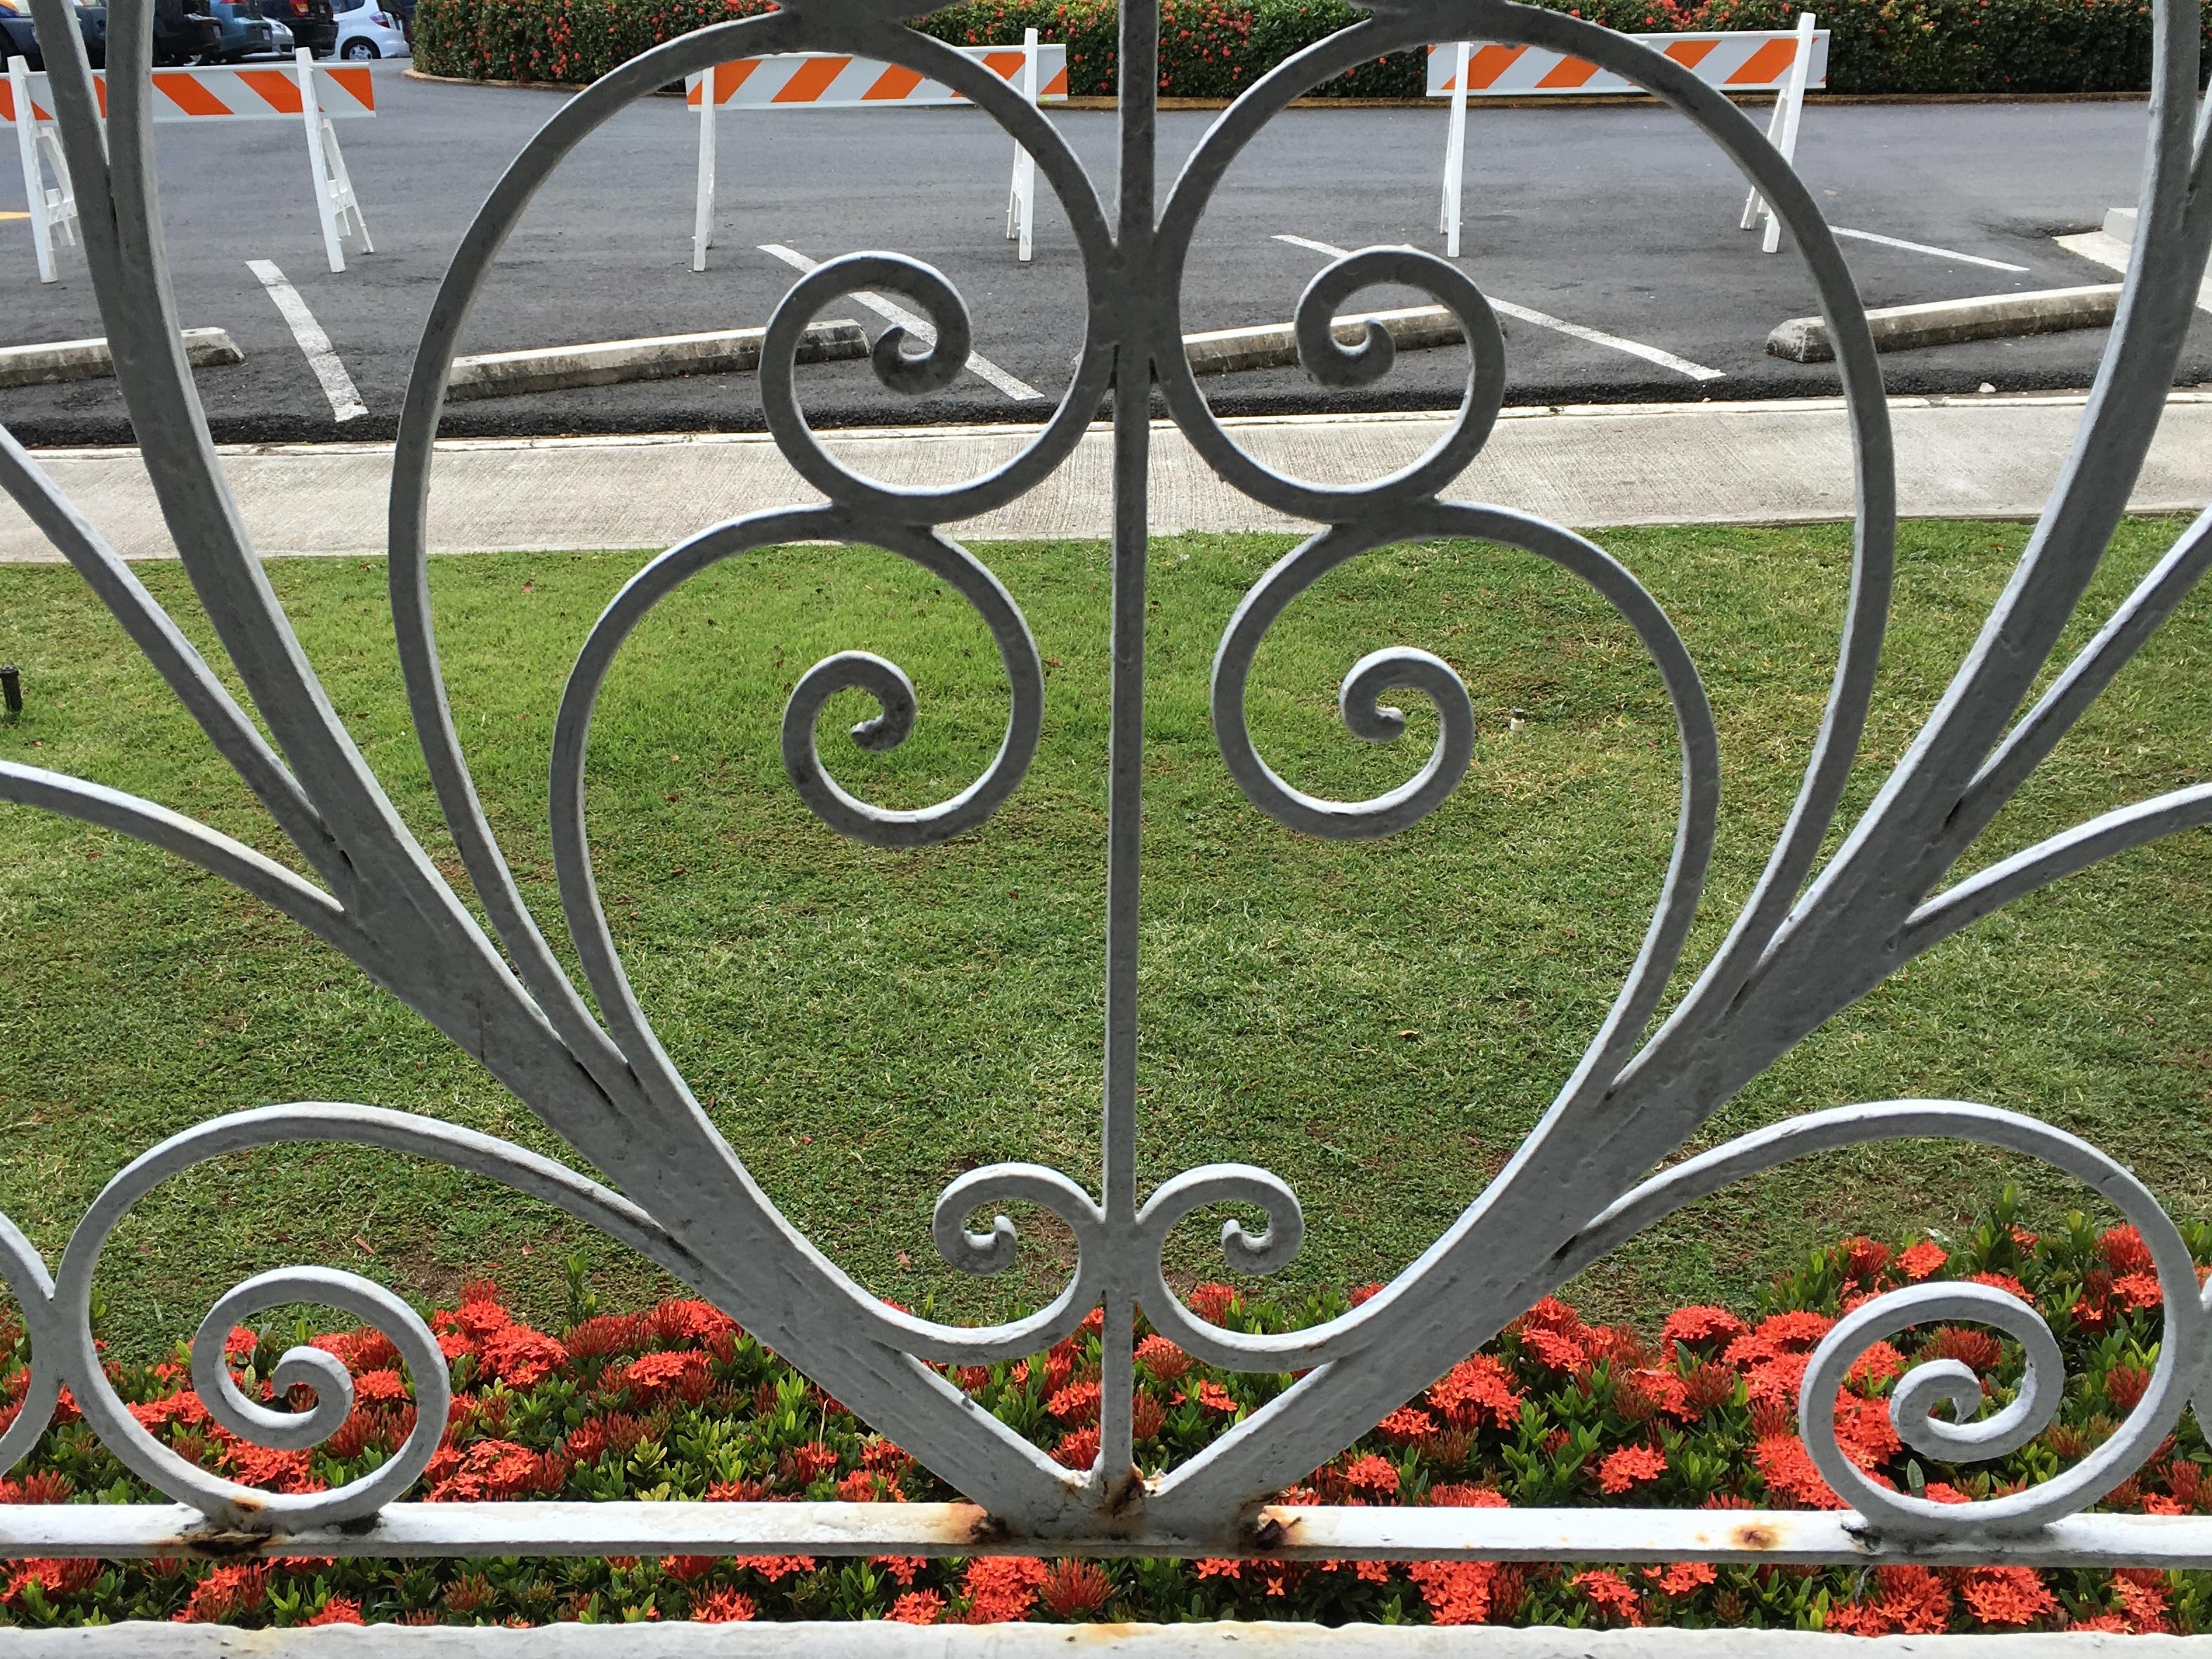 Free Images : fence, lawn, wheel, flower, window, metal, gate, art ...